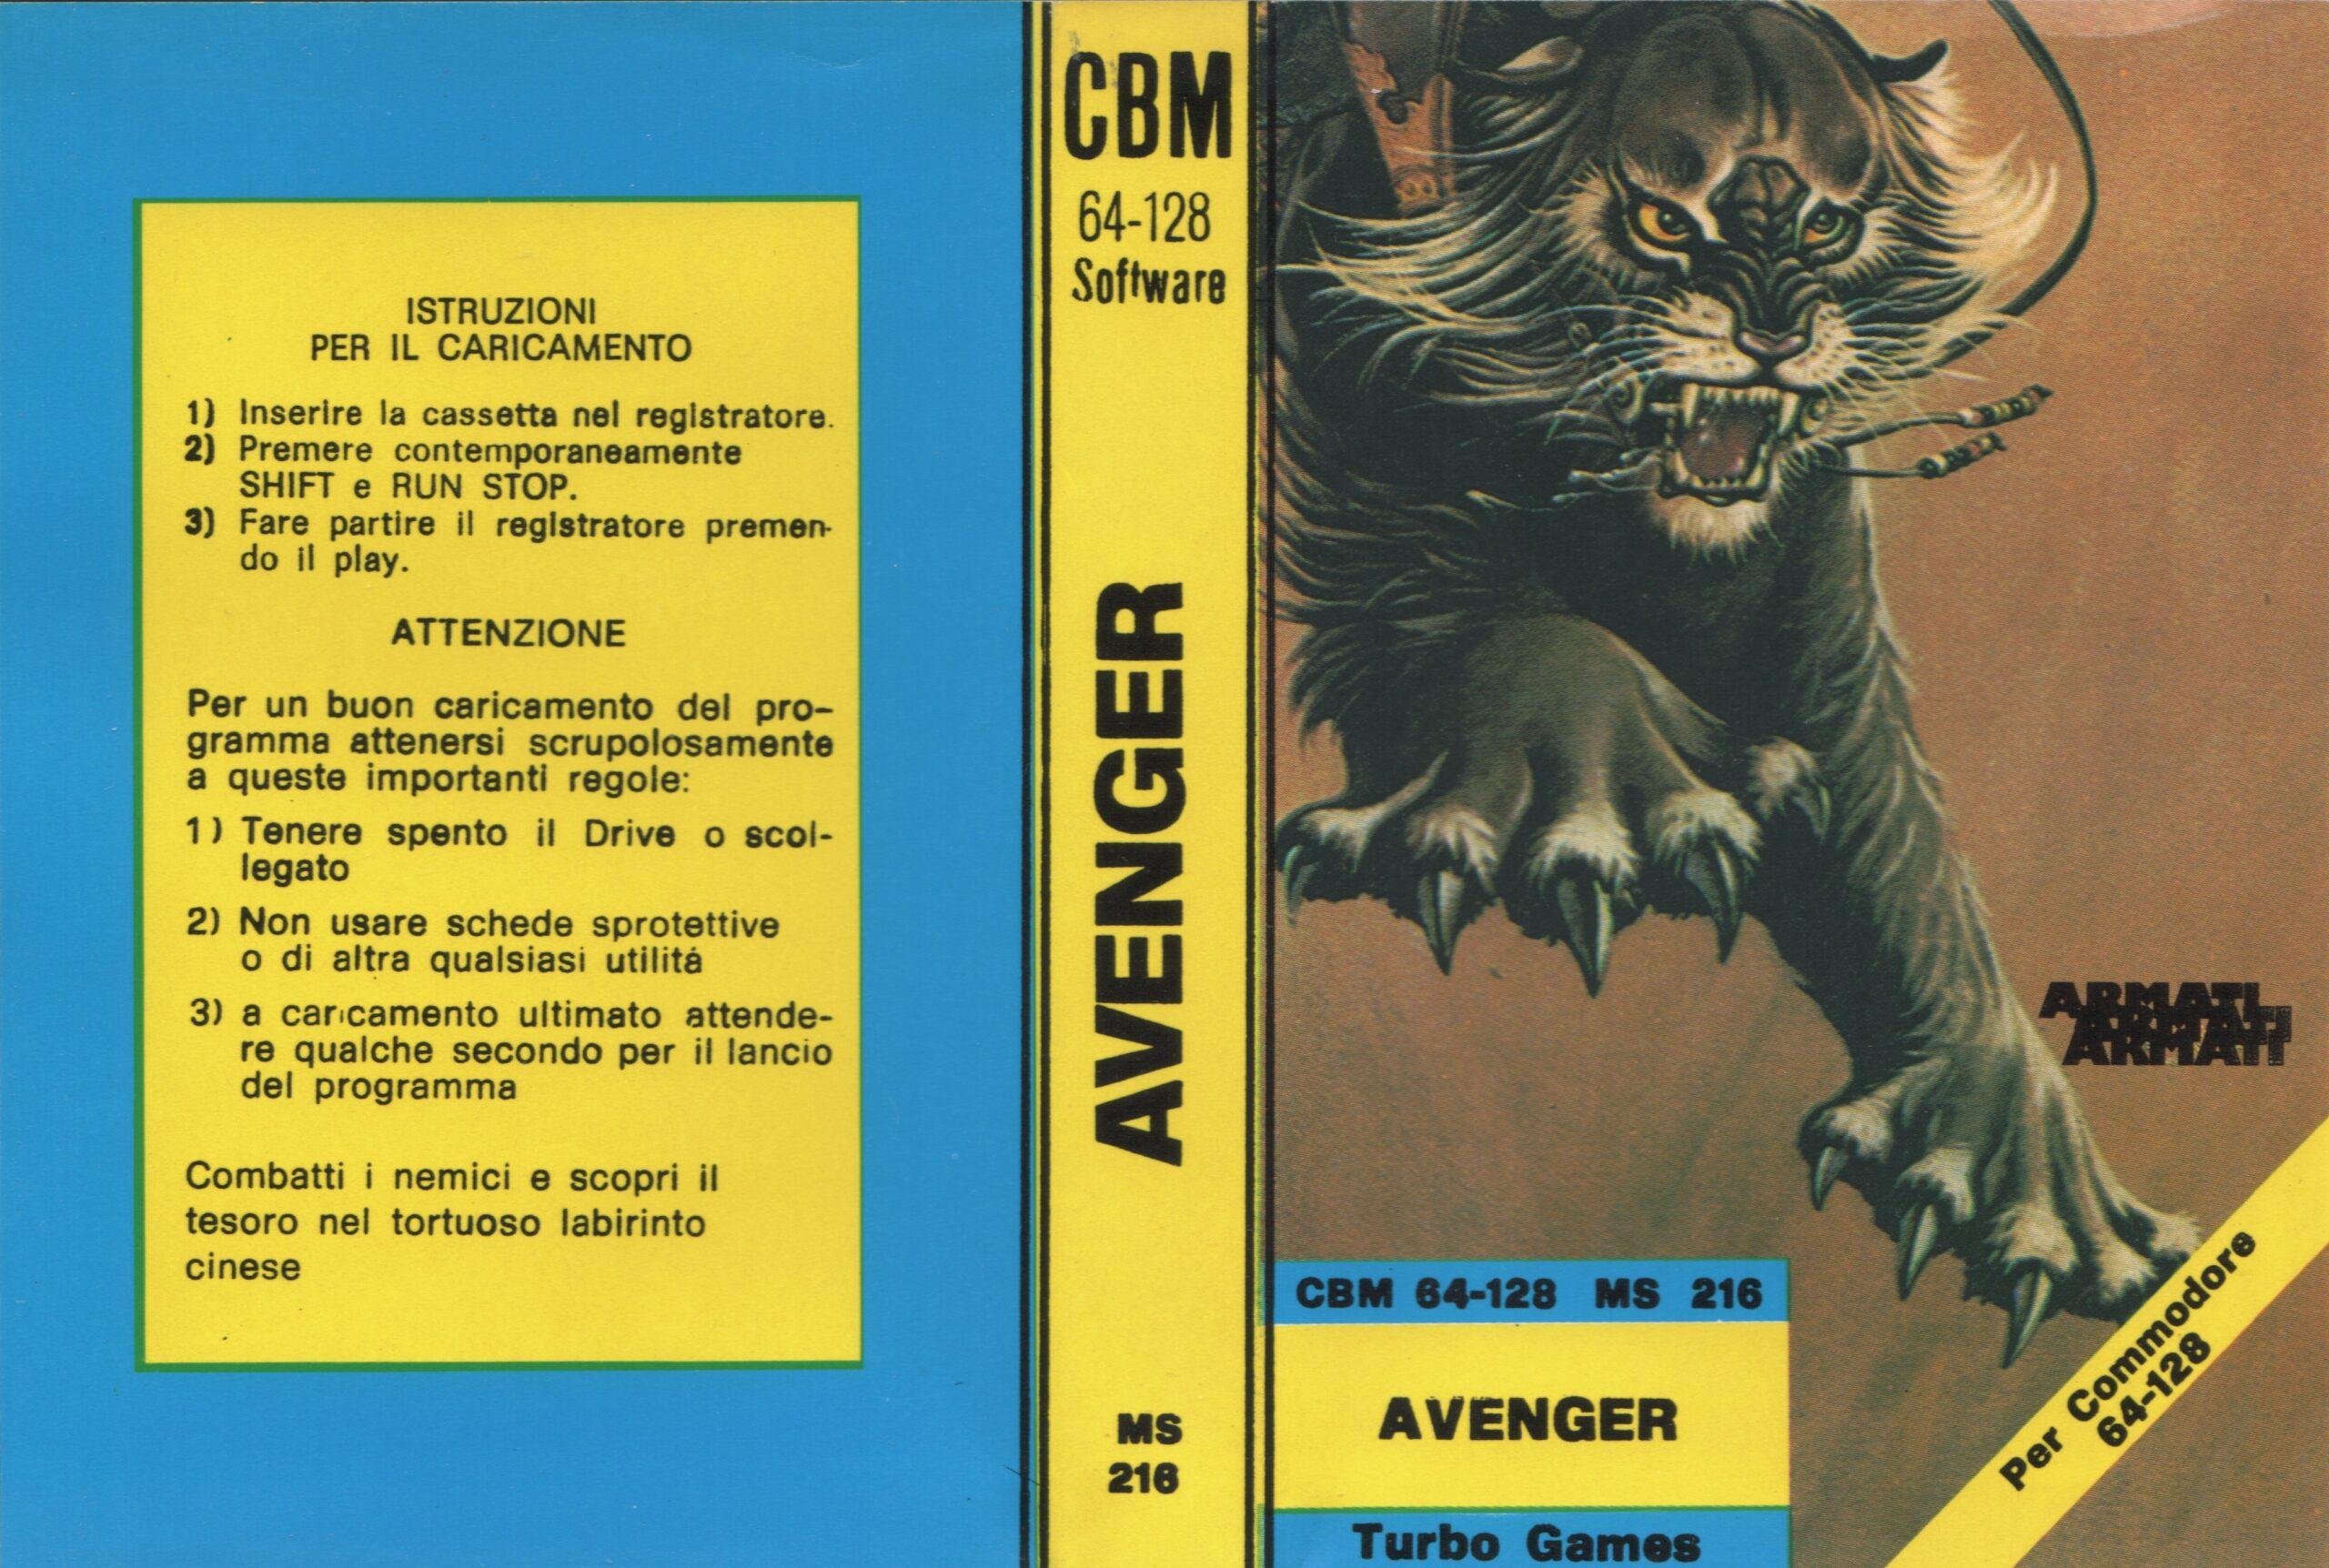 AVENGER MS 216